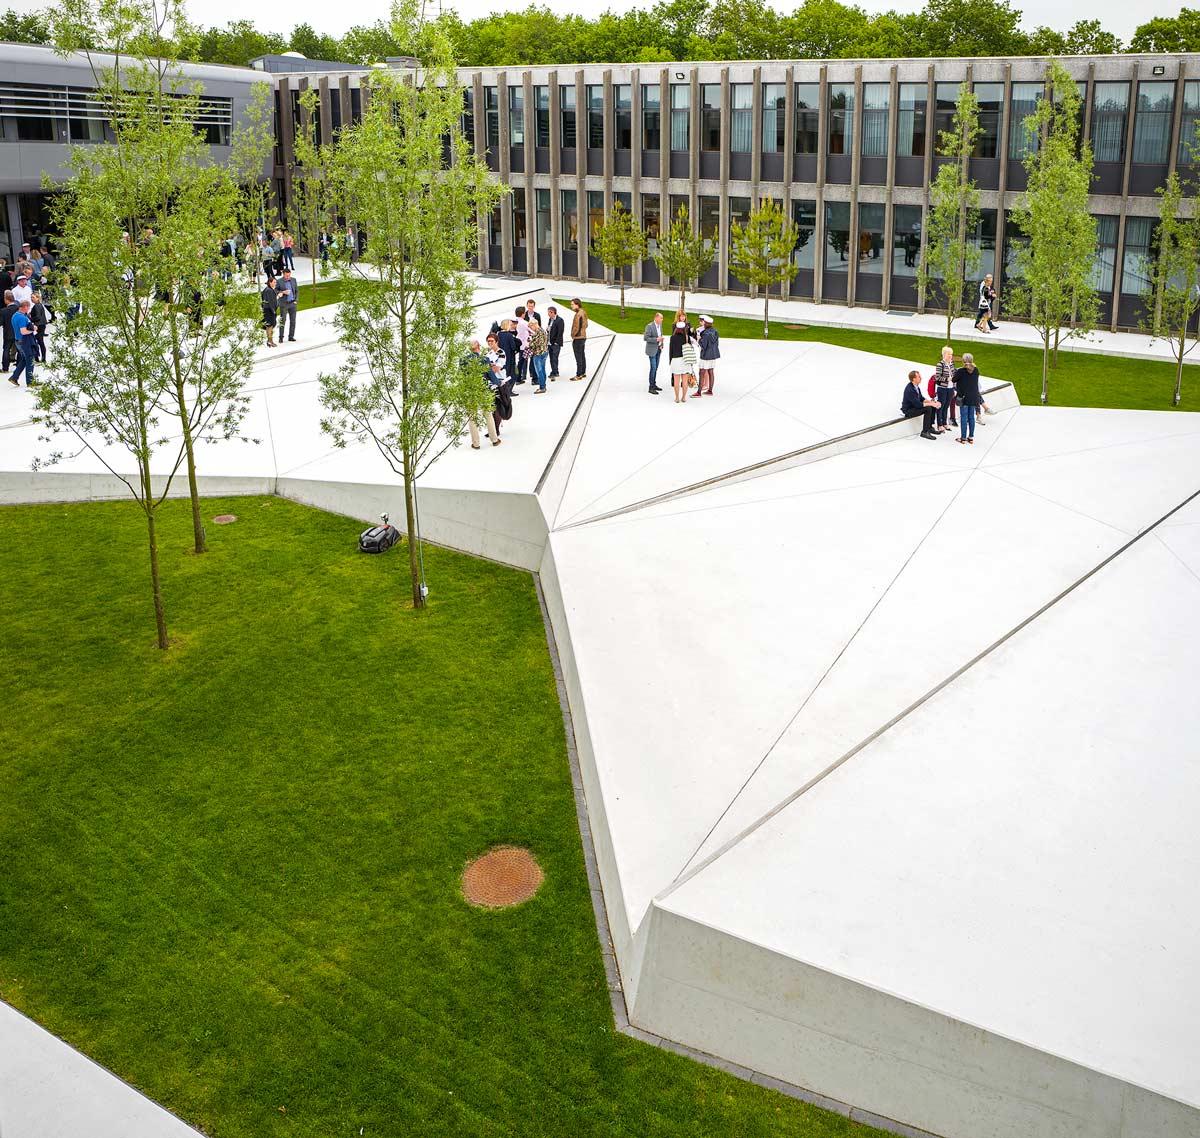 1000 images about urban design on pinterest landscape for School landscape design